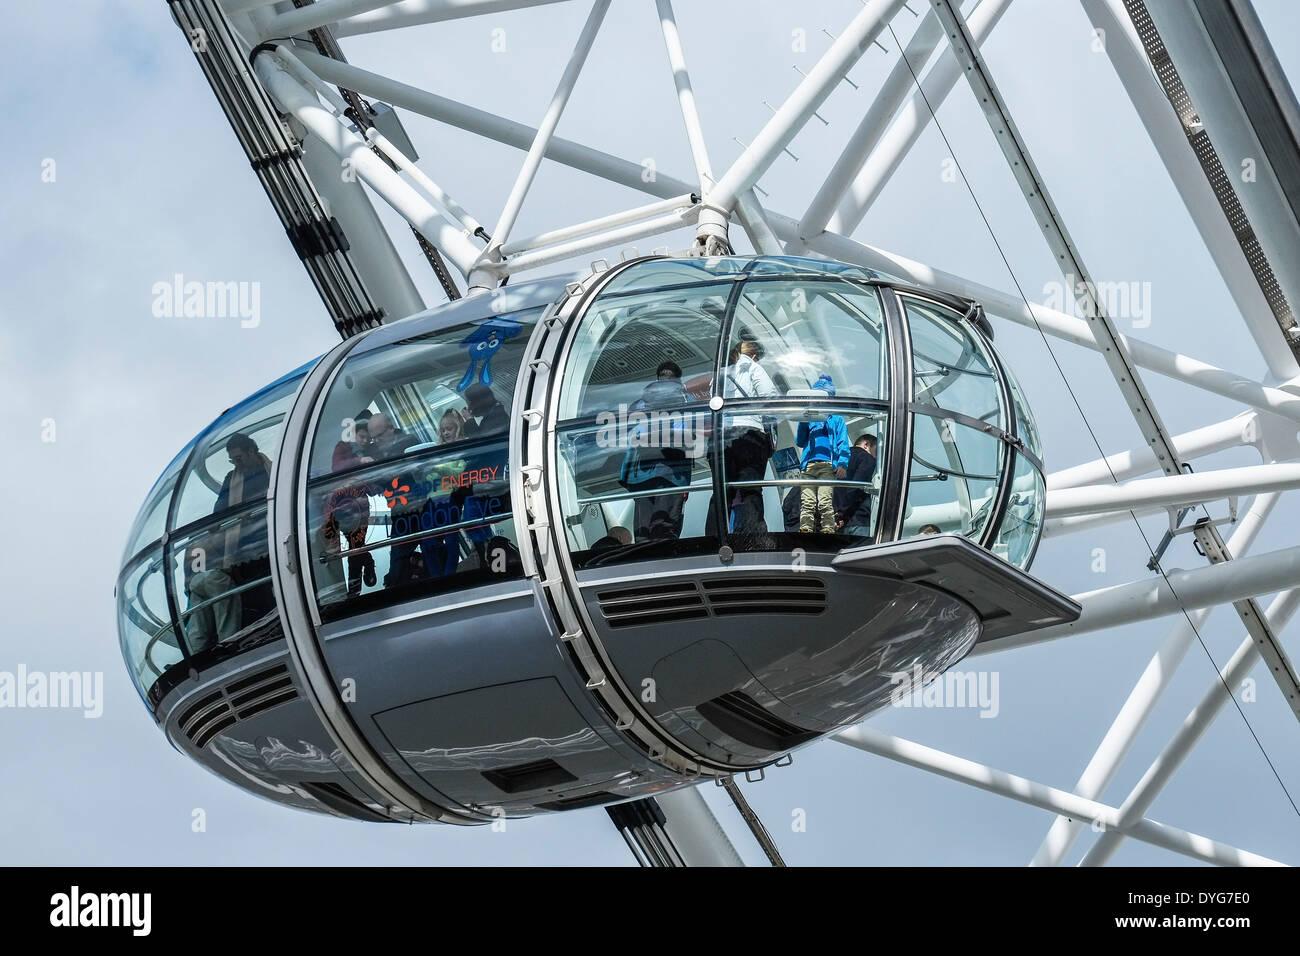 Touristen genießen Reiten in einer Passagier-Kapsel des London Eye. Stockbild